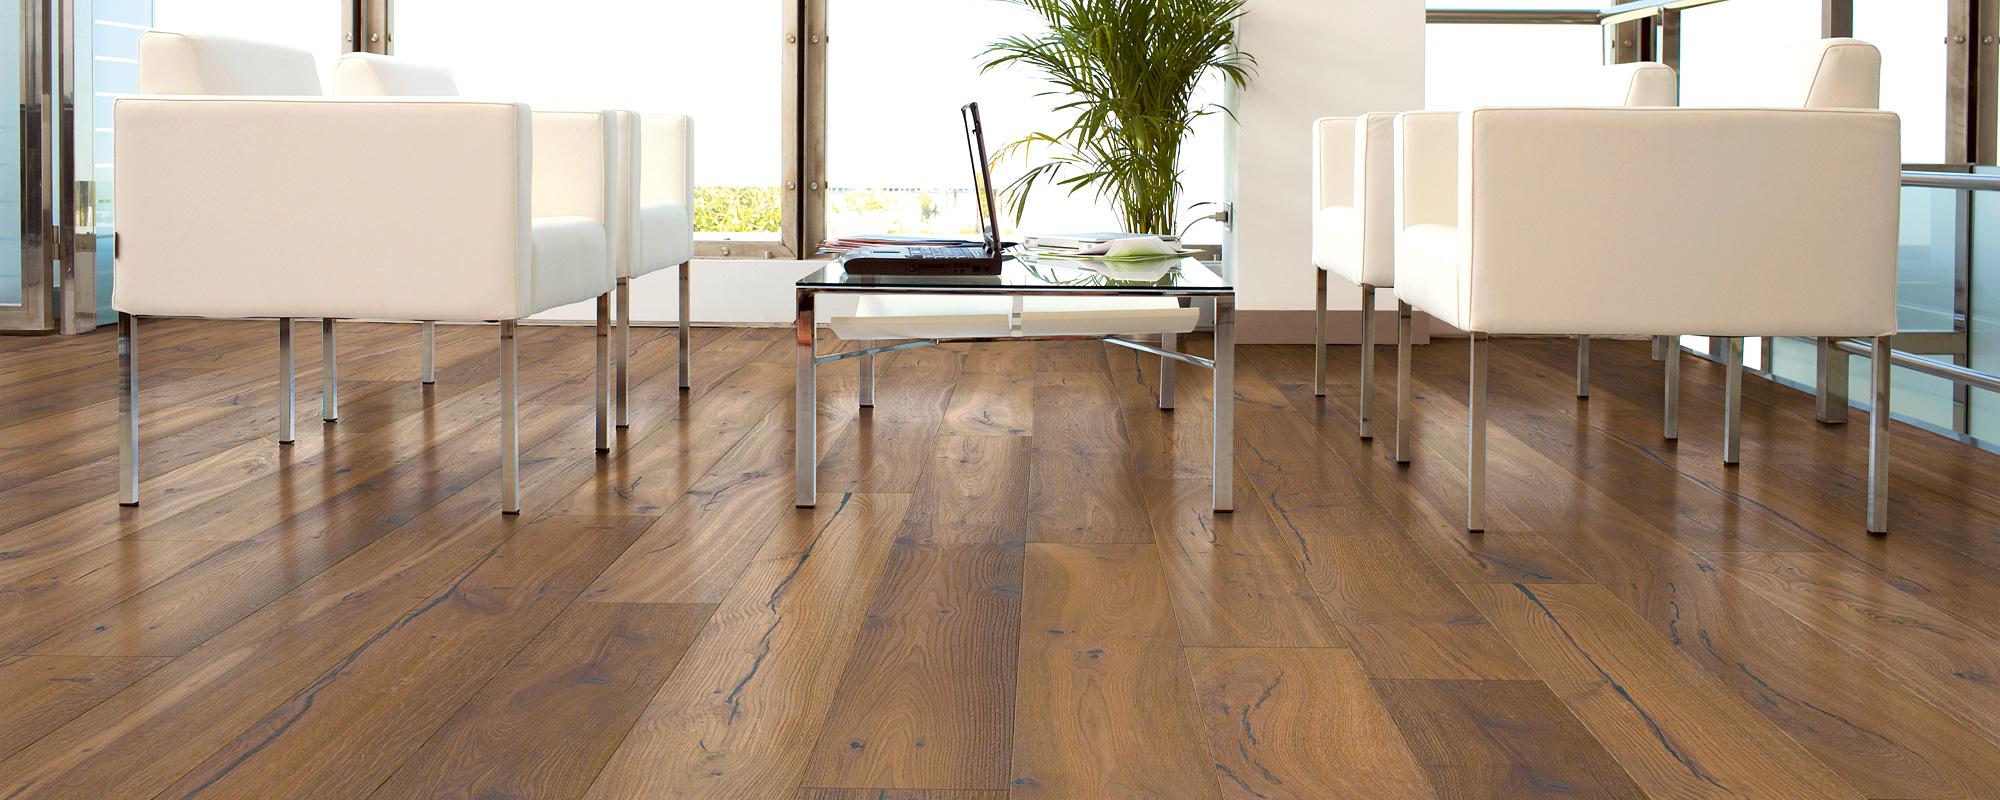 Variation Serie Design Eiche Variation geräuchert Weiß Style Flooring Parkett Dielen Köln